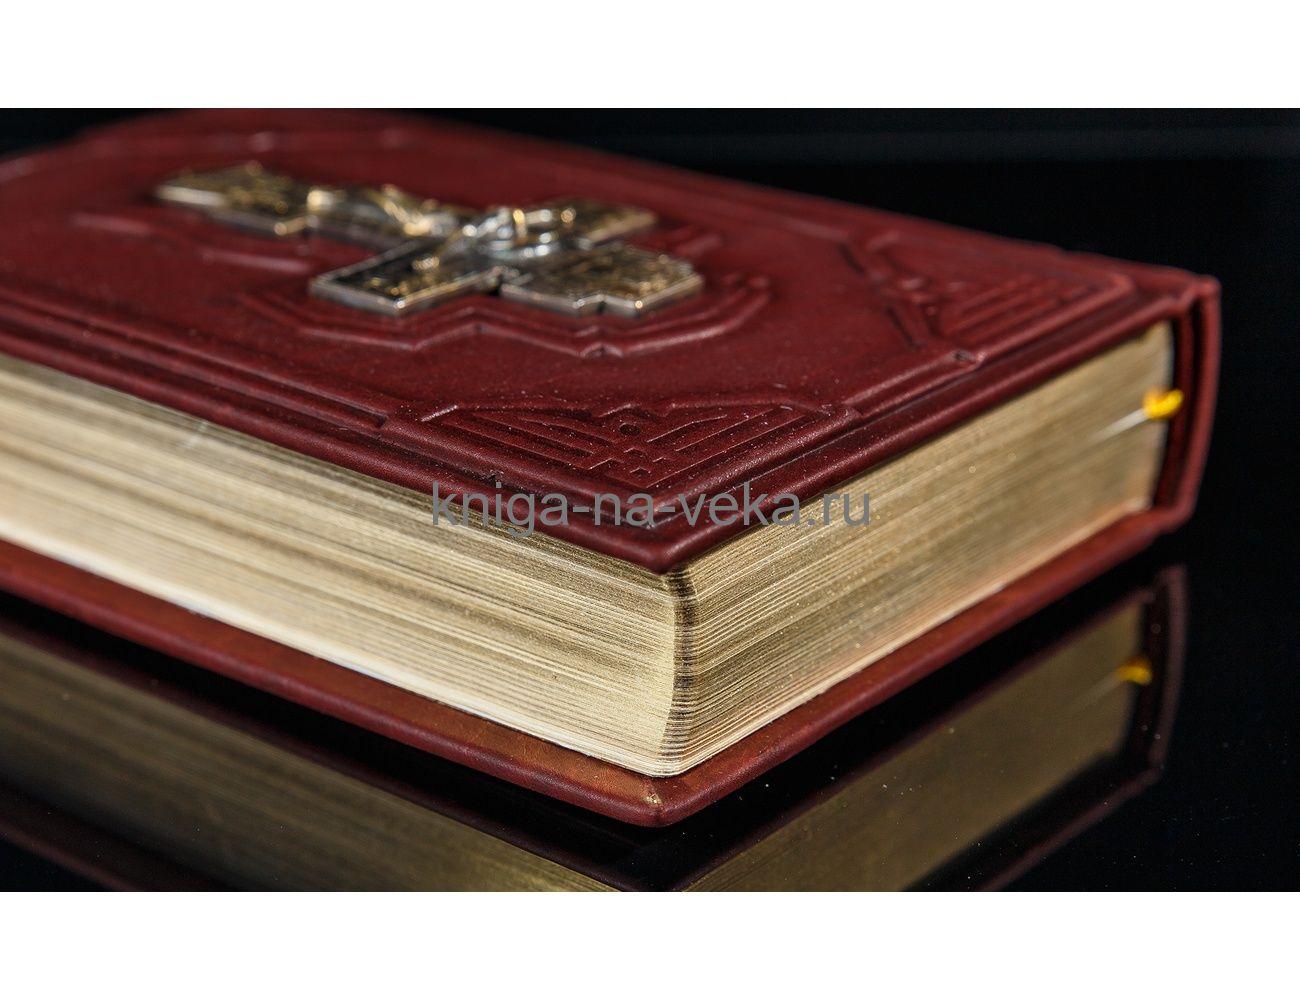 Книга «Библия» в кожаном переплёте с литым крестом в футляре